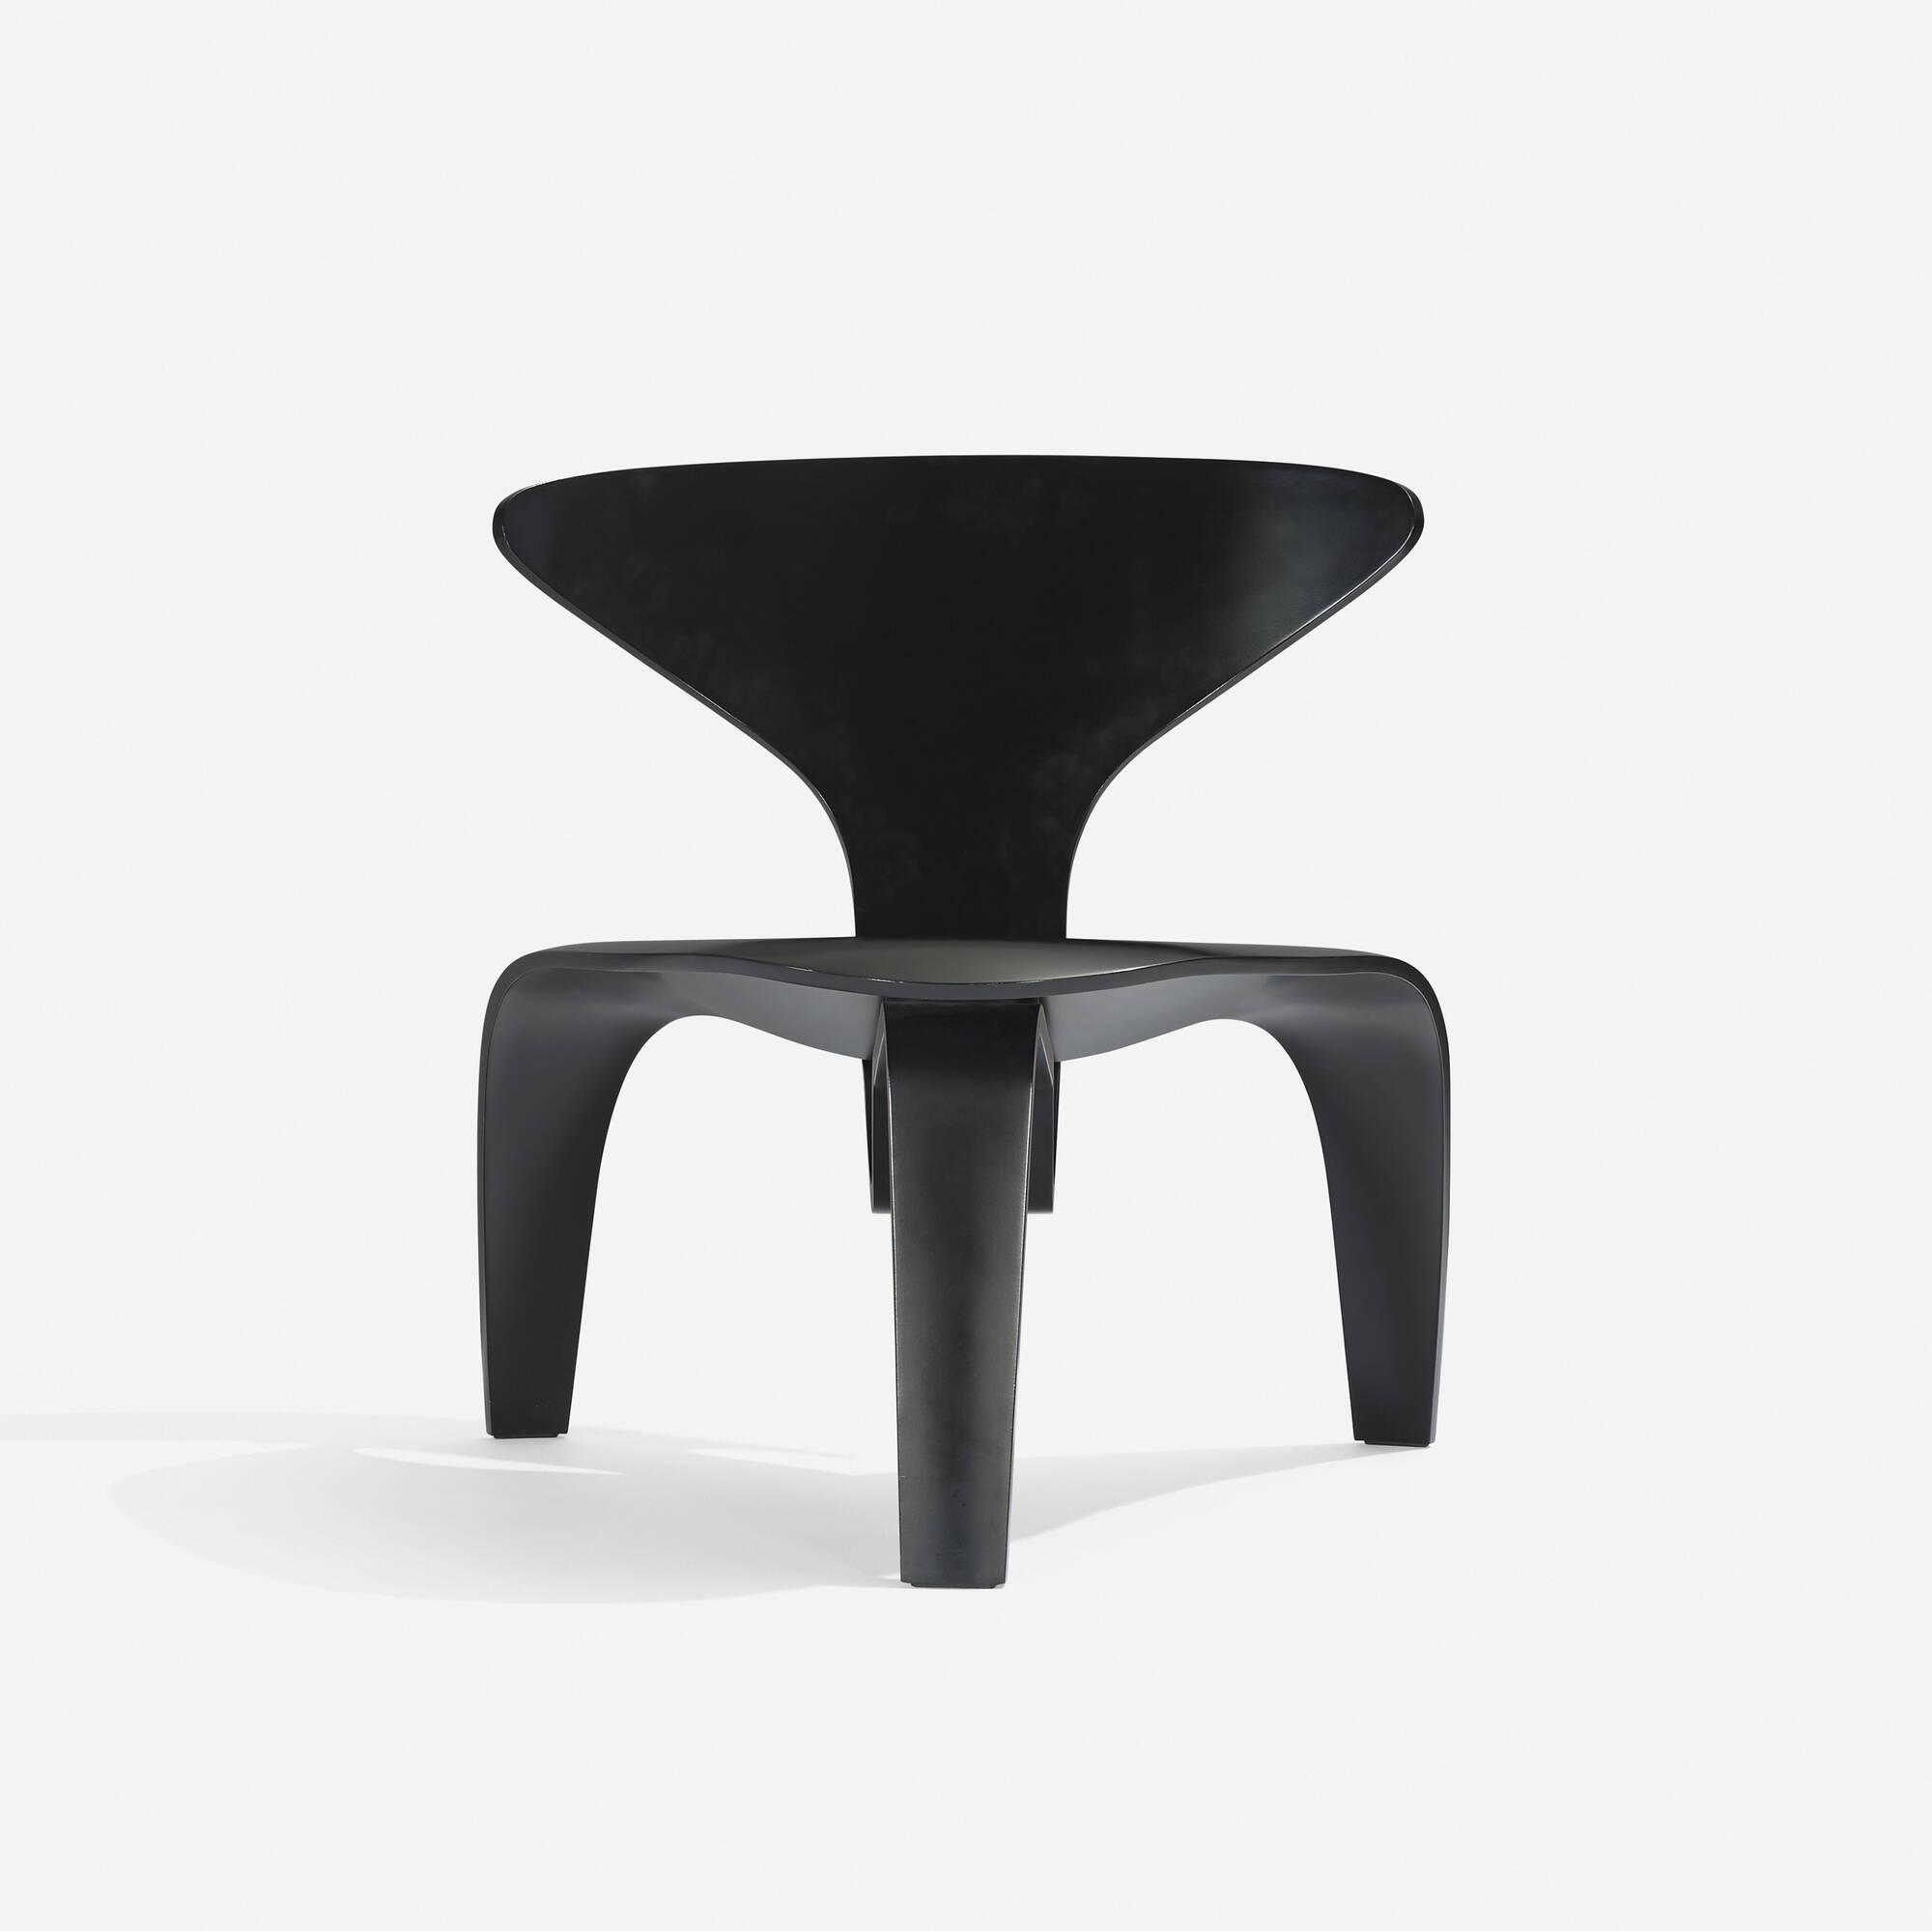 346 POUL KJAERHOLM, PK 0 lounge chair